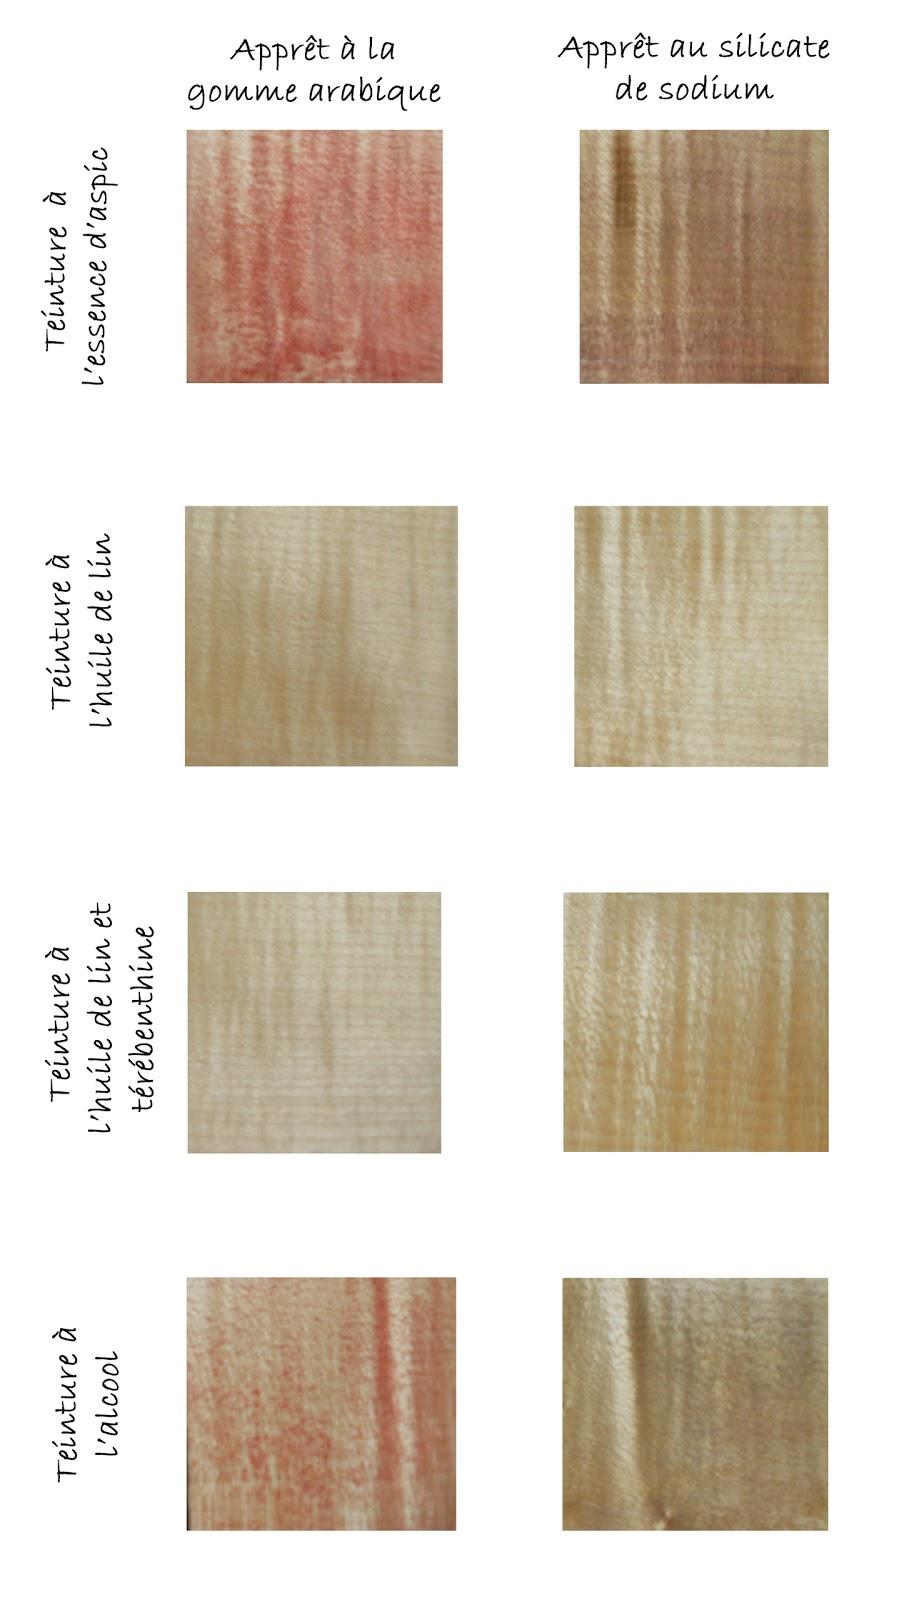 elo se luthi re aux tudes le fond de bois l 39 orcanette 4 r sultats. Black Bedroom Furniture Sets. Home Design Ideas